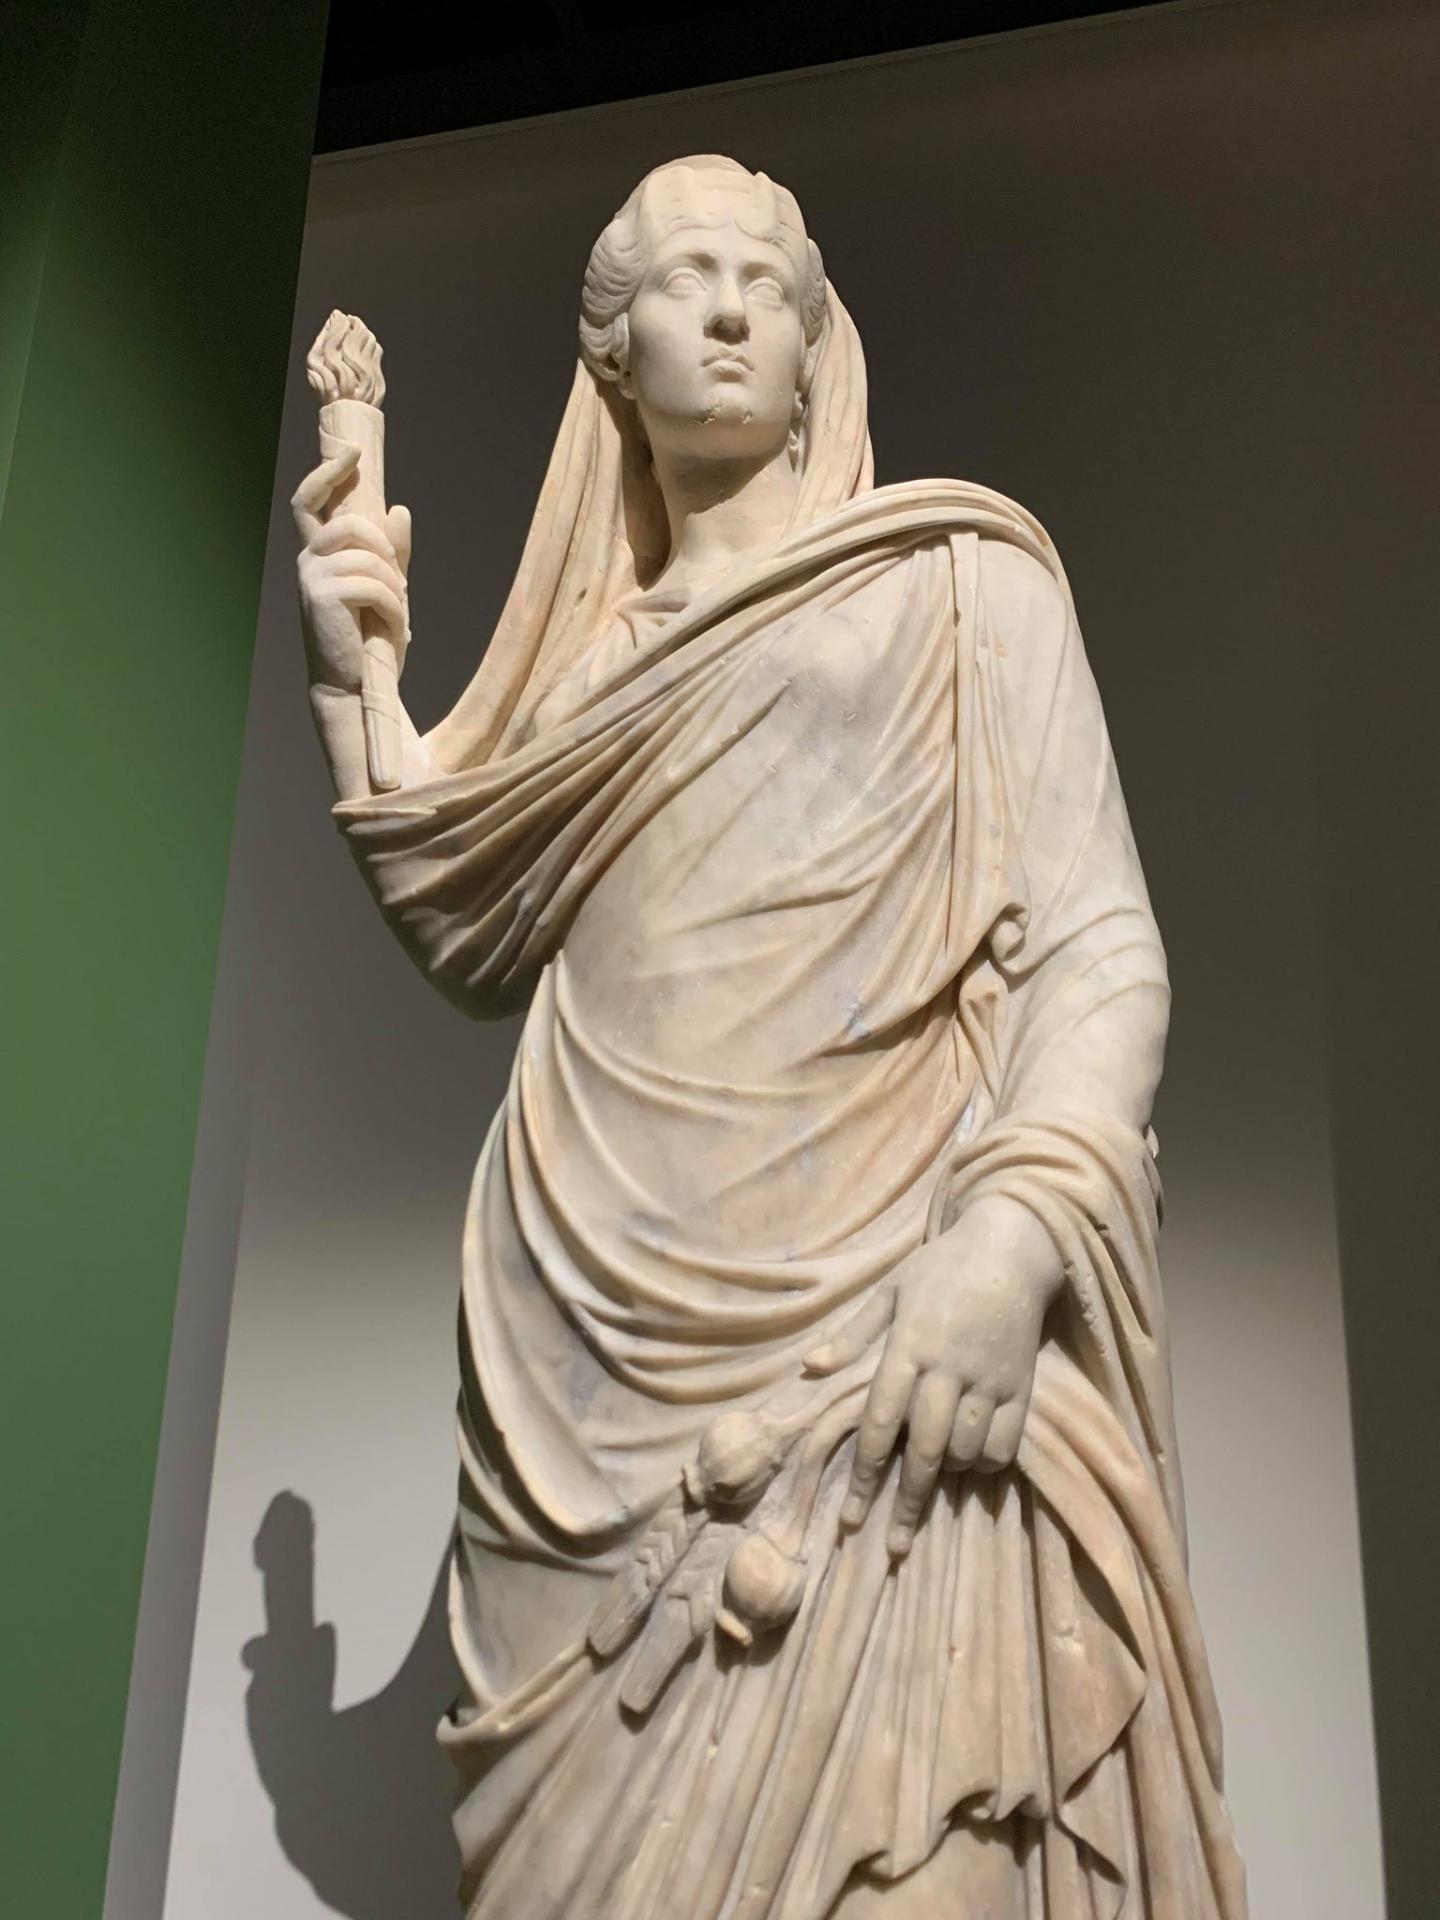 L empereur romain un mortel parmi les dieux 10